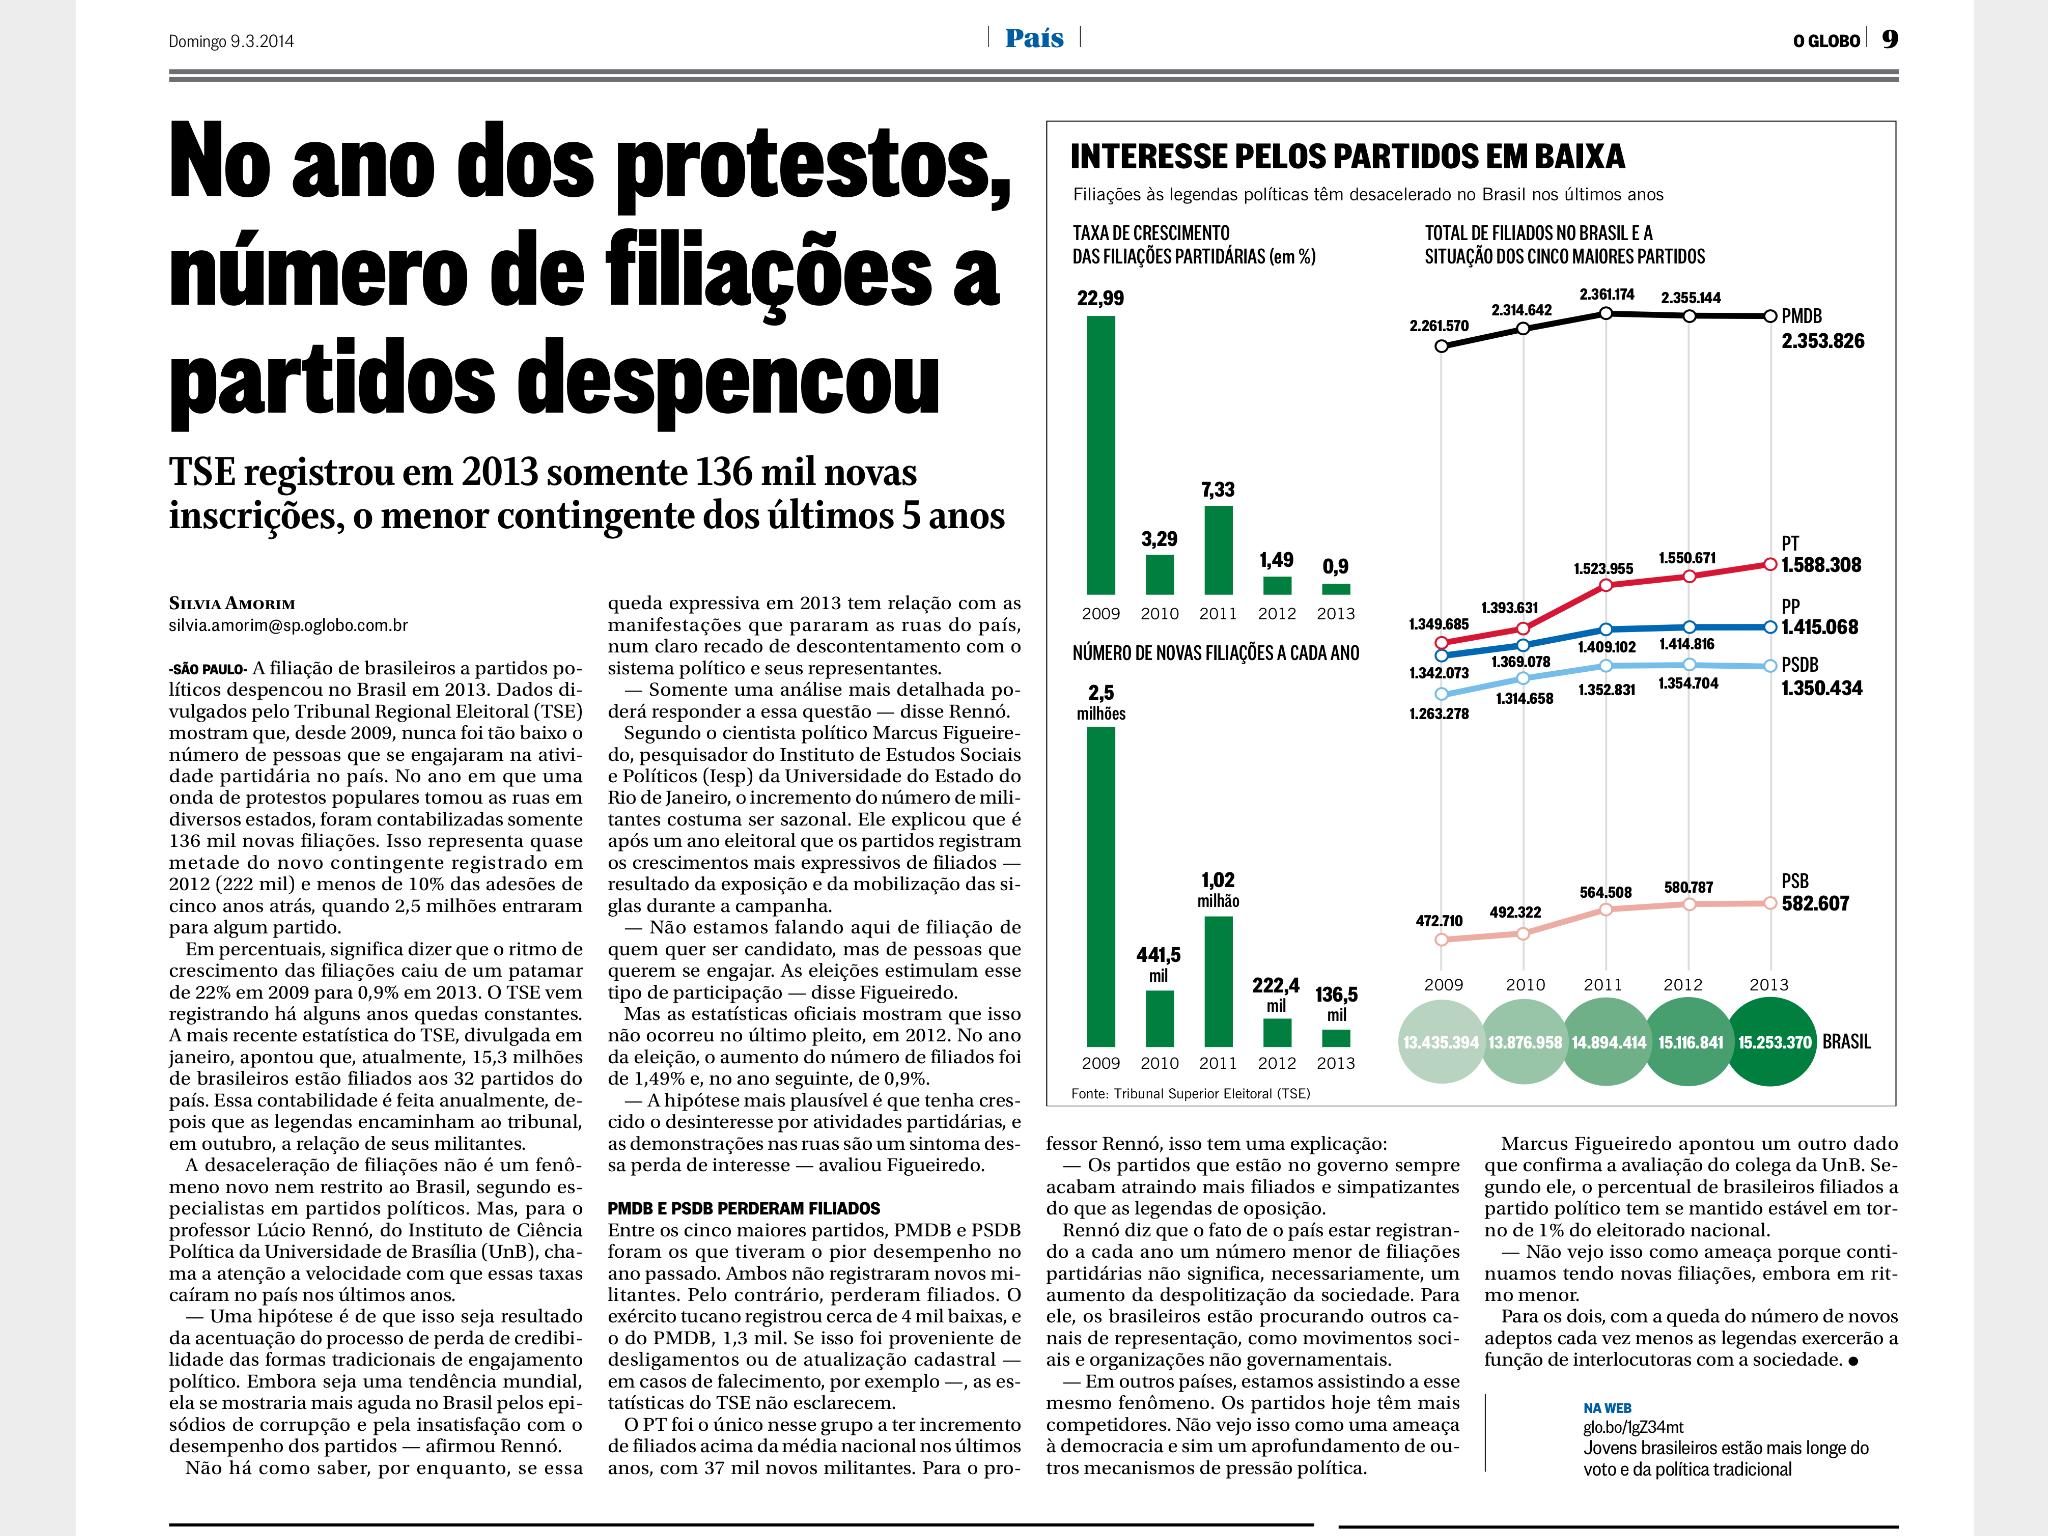 Vida dura pra oposição. PARTIDOS PERDEM FILIADOS: PT foi o único que cresceu. PSDB e PMDB minguaram... http://t.co/zM2ijtmMEY